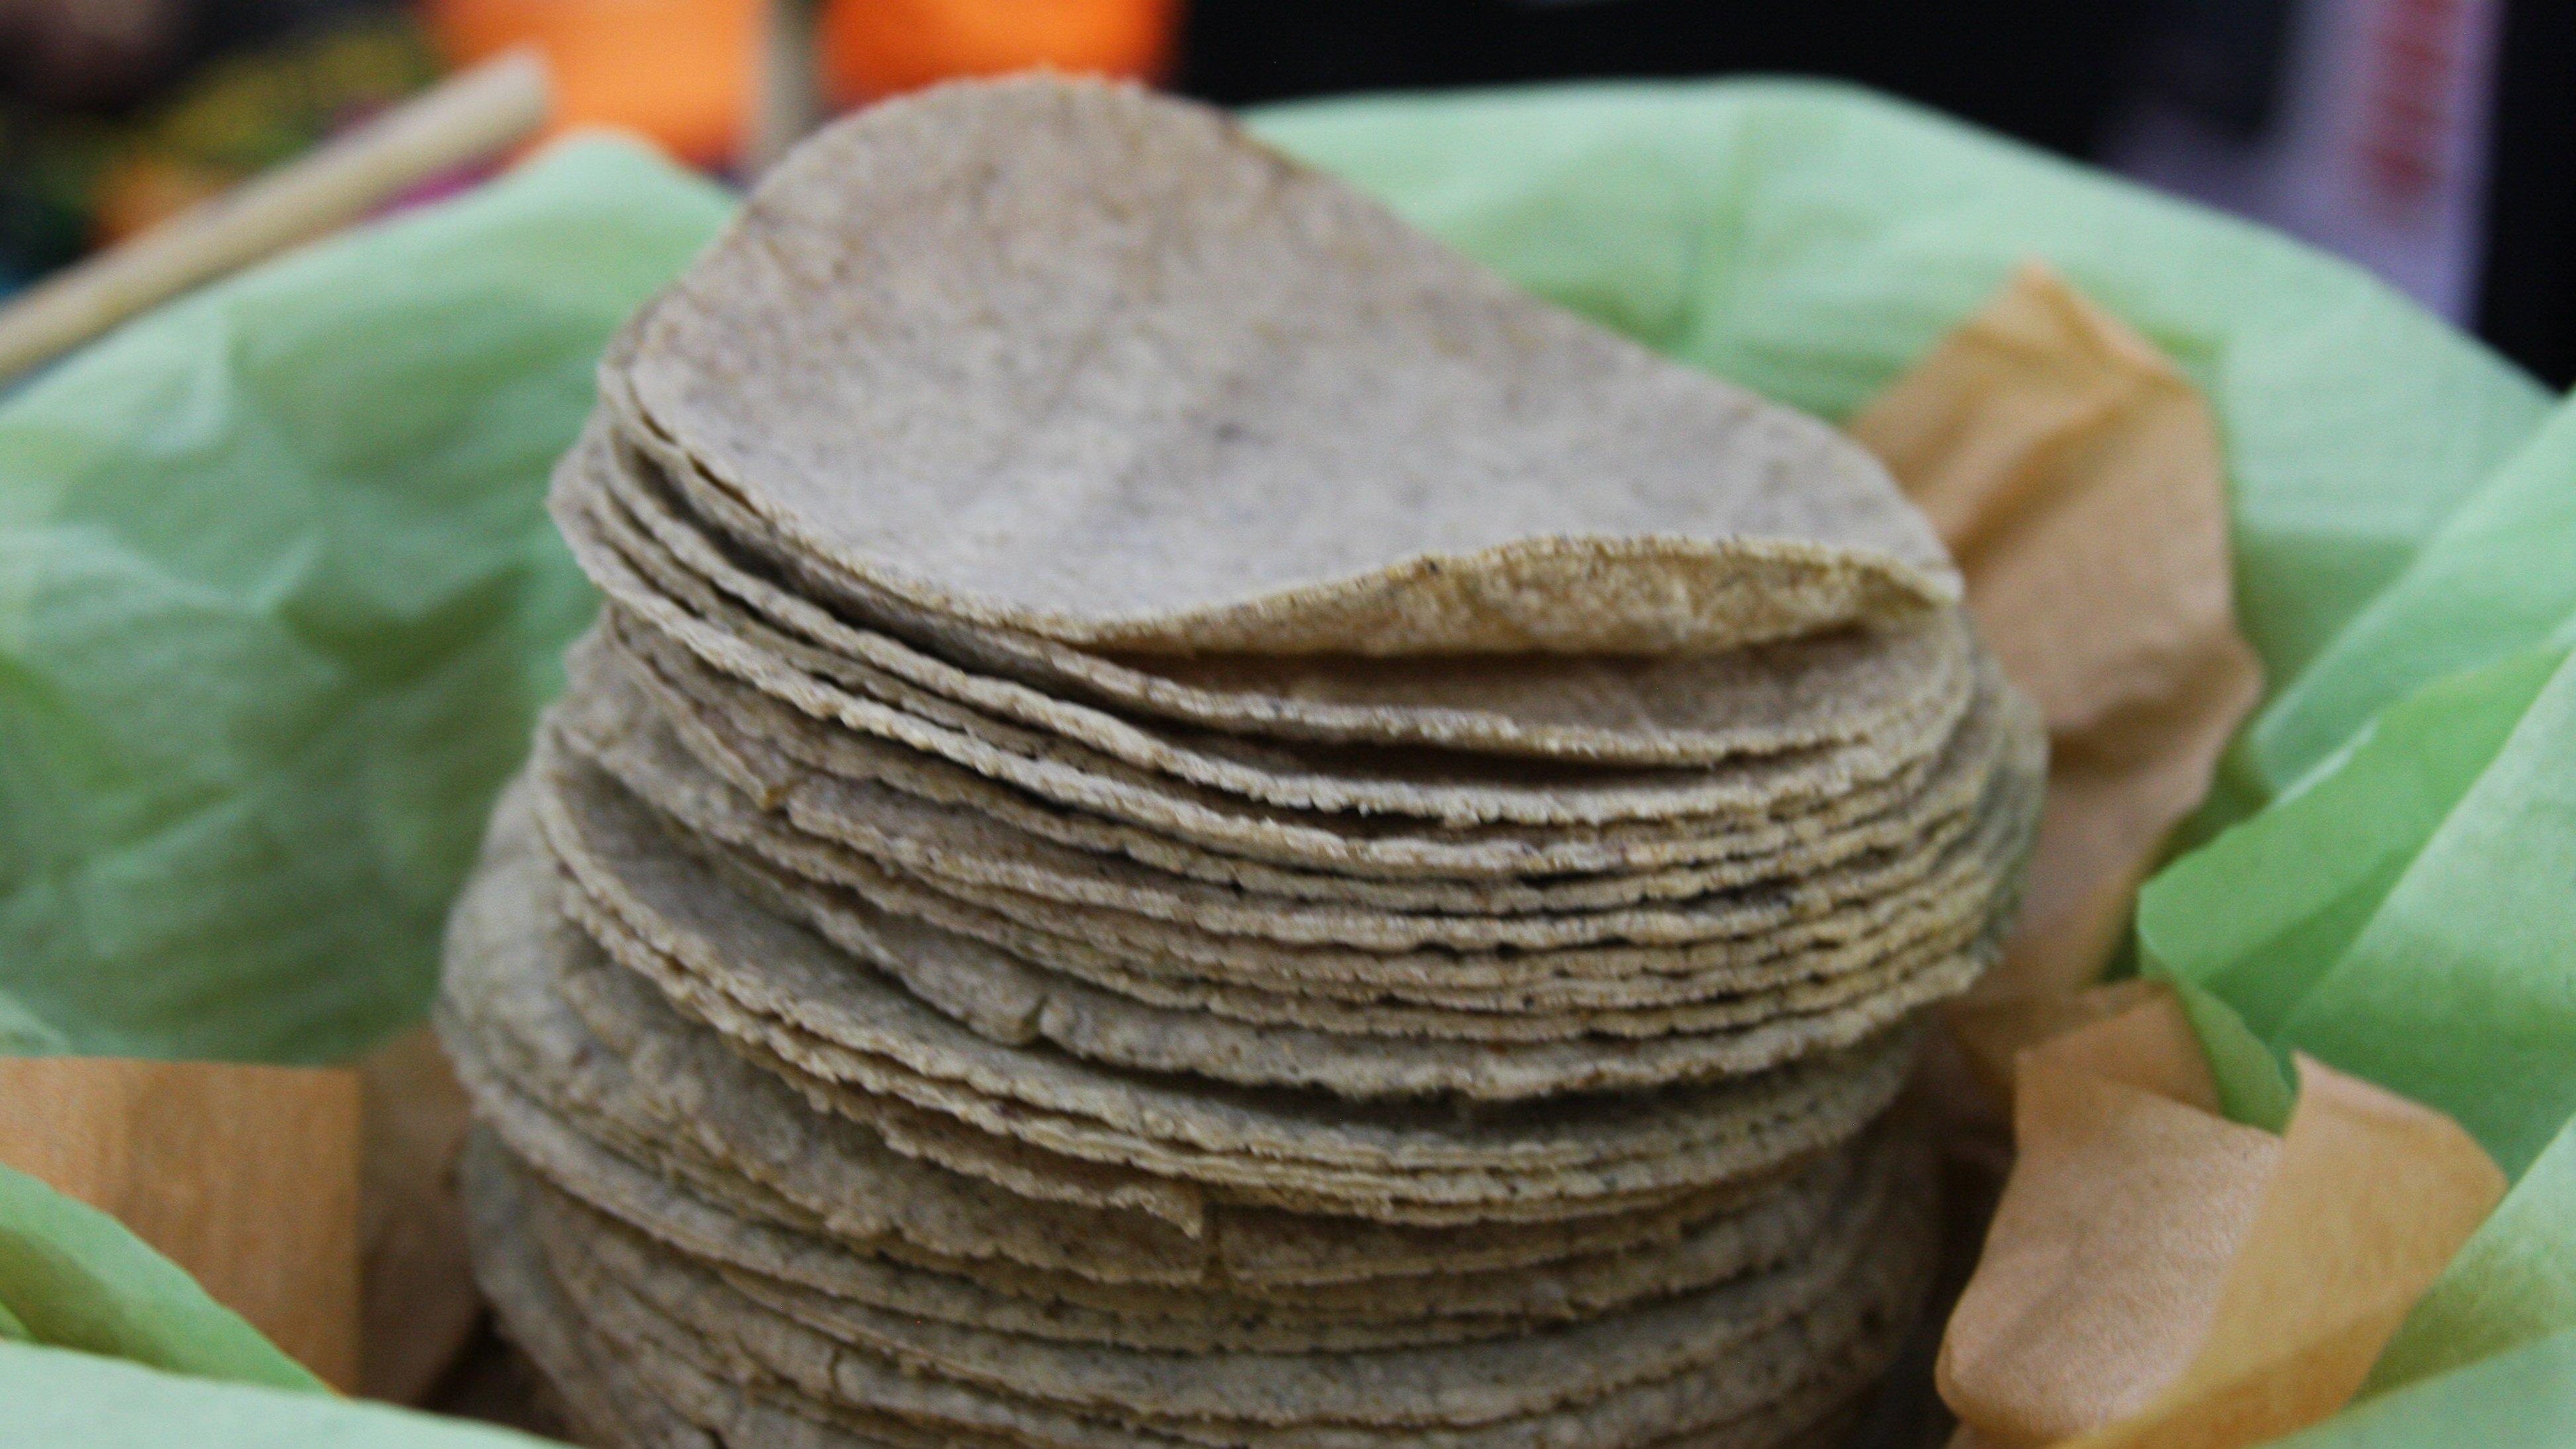 Comerciantes de tortilla congelan precios tras reunión con autoridades